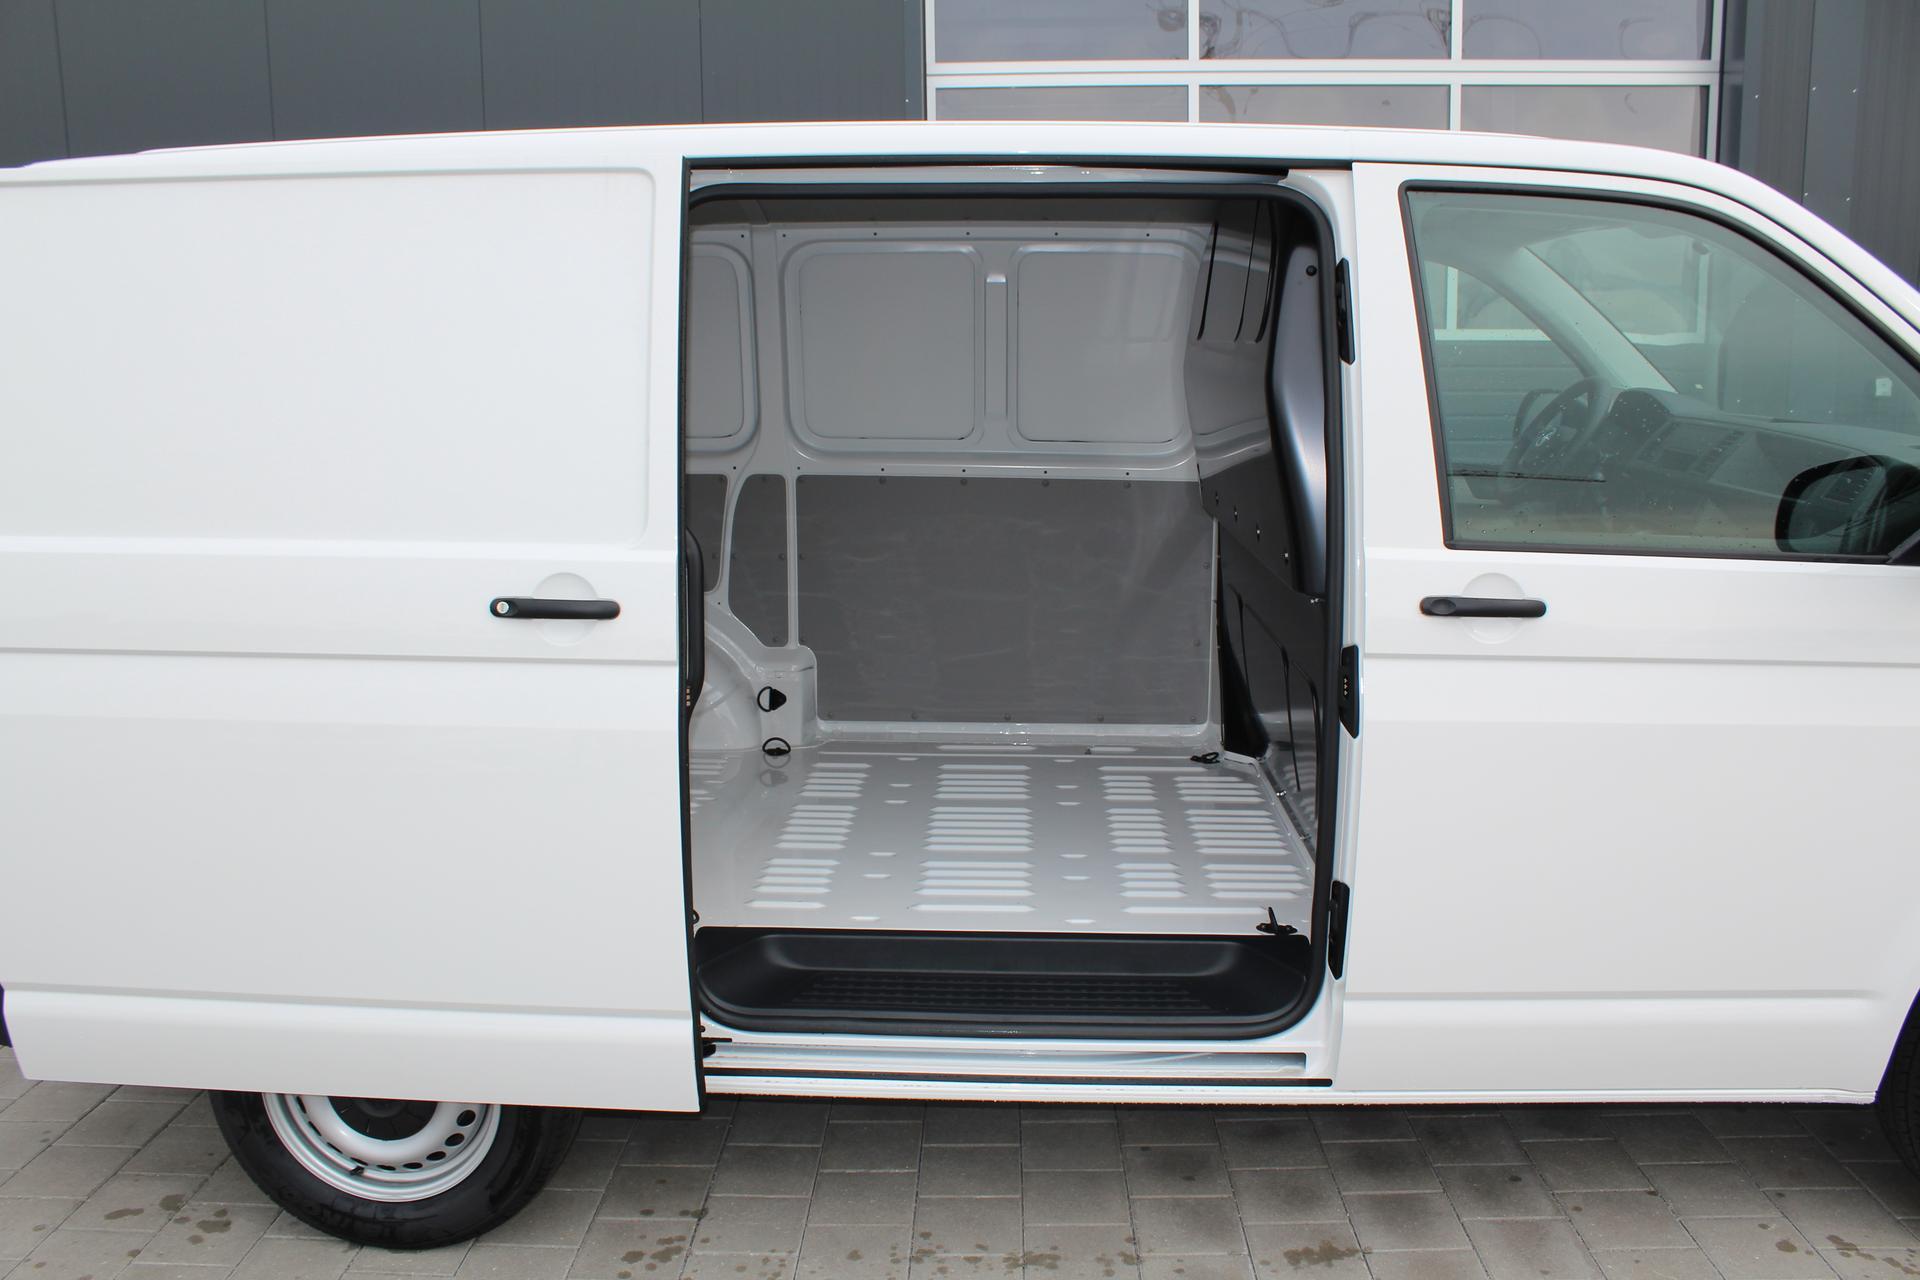 volkswagen transporter t6 2 0 tdi 102 ps climatic. Black Bedroom Furniture Sets. Home Design Ideas